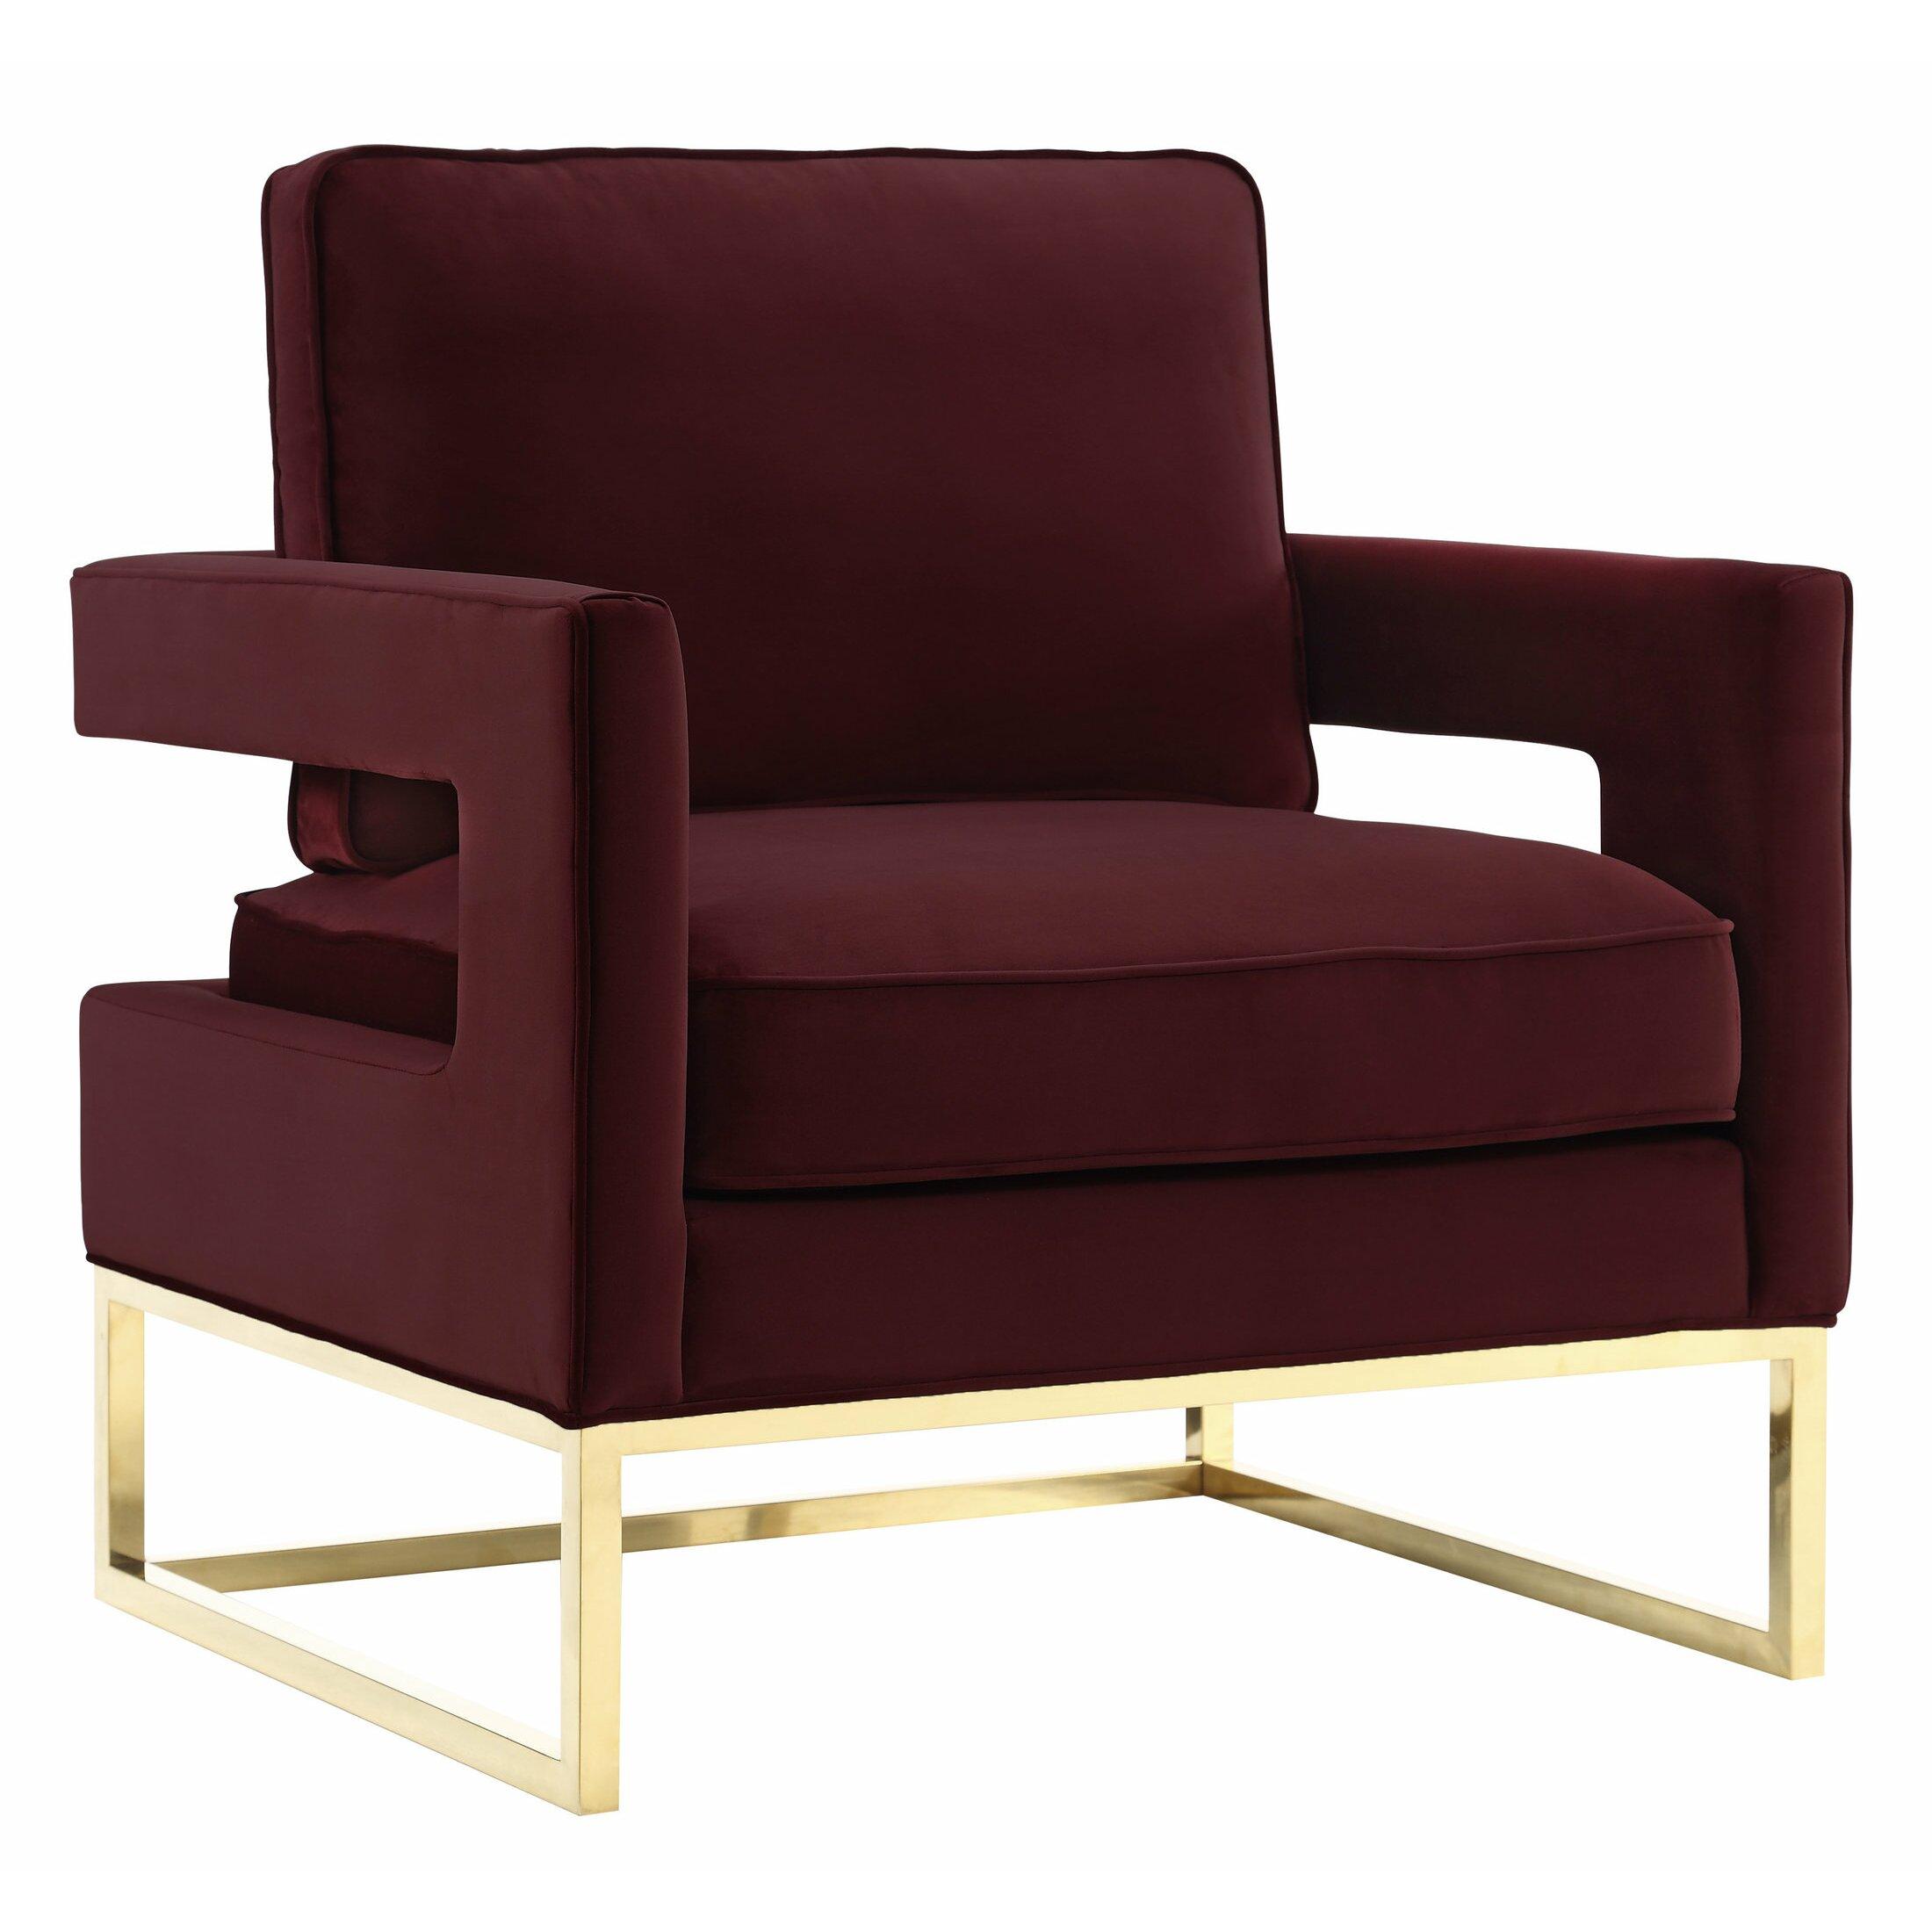 Mercer41 Spade Arm Chair & Reviews | Wayfair